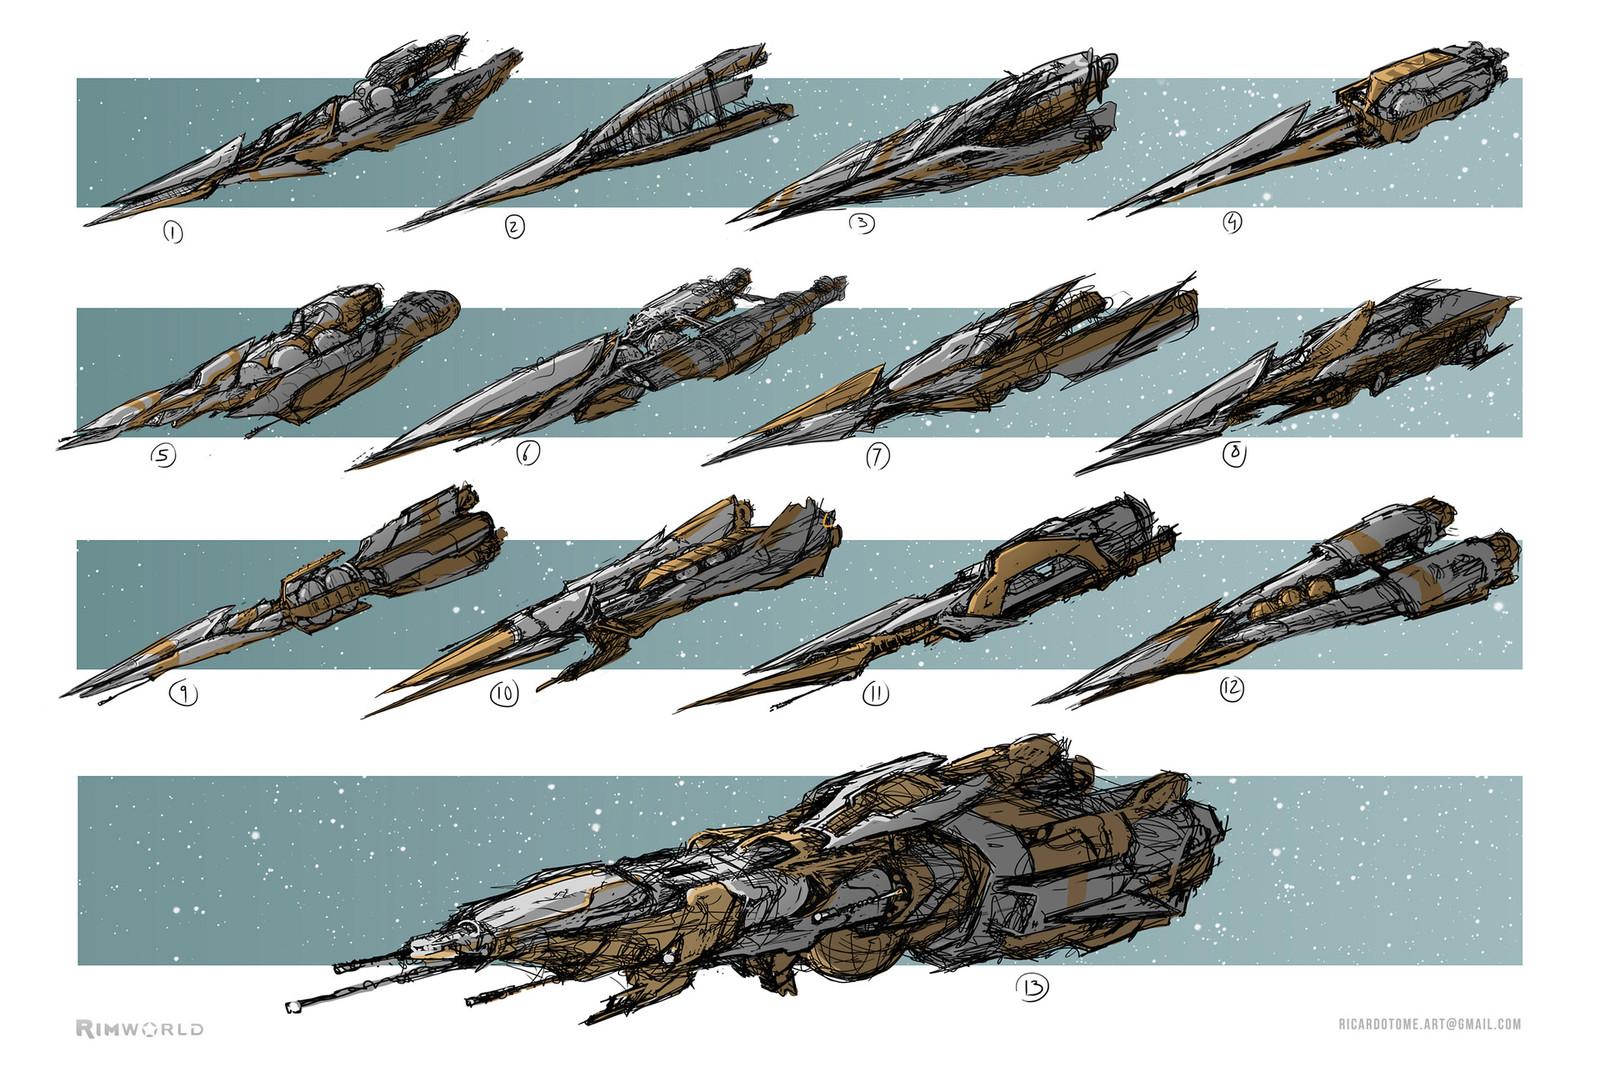 Rimworld - Spaceship Designs Pt.2